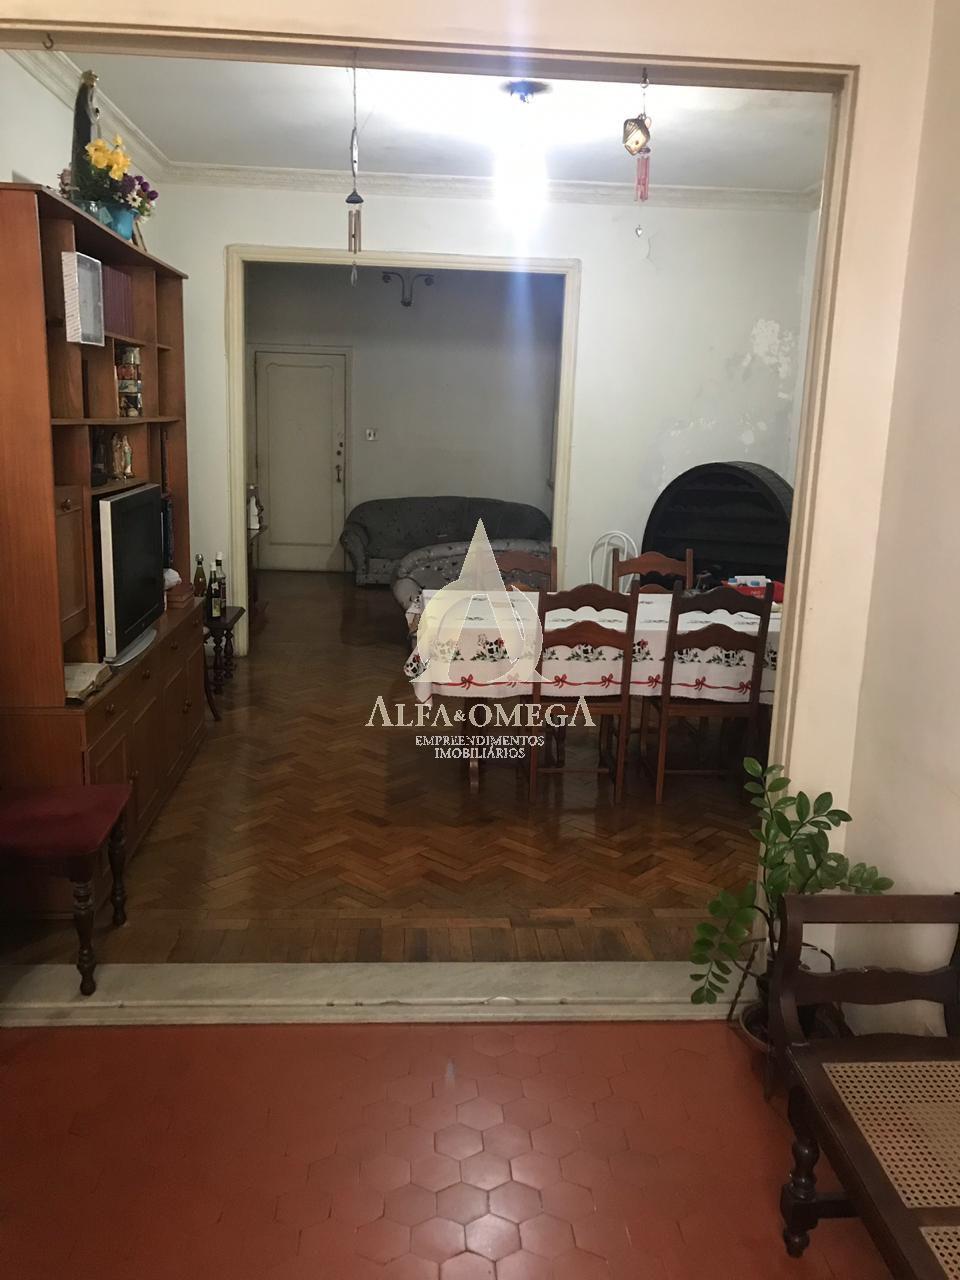 FOTO 2 - Apartamento Copacabana, Rio de Janeiro, RJ À Venda, 3 Quartos, 140m² - AOJ30003 - 3